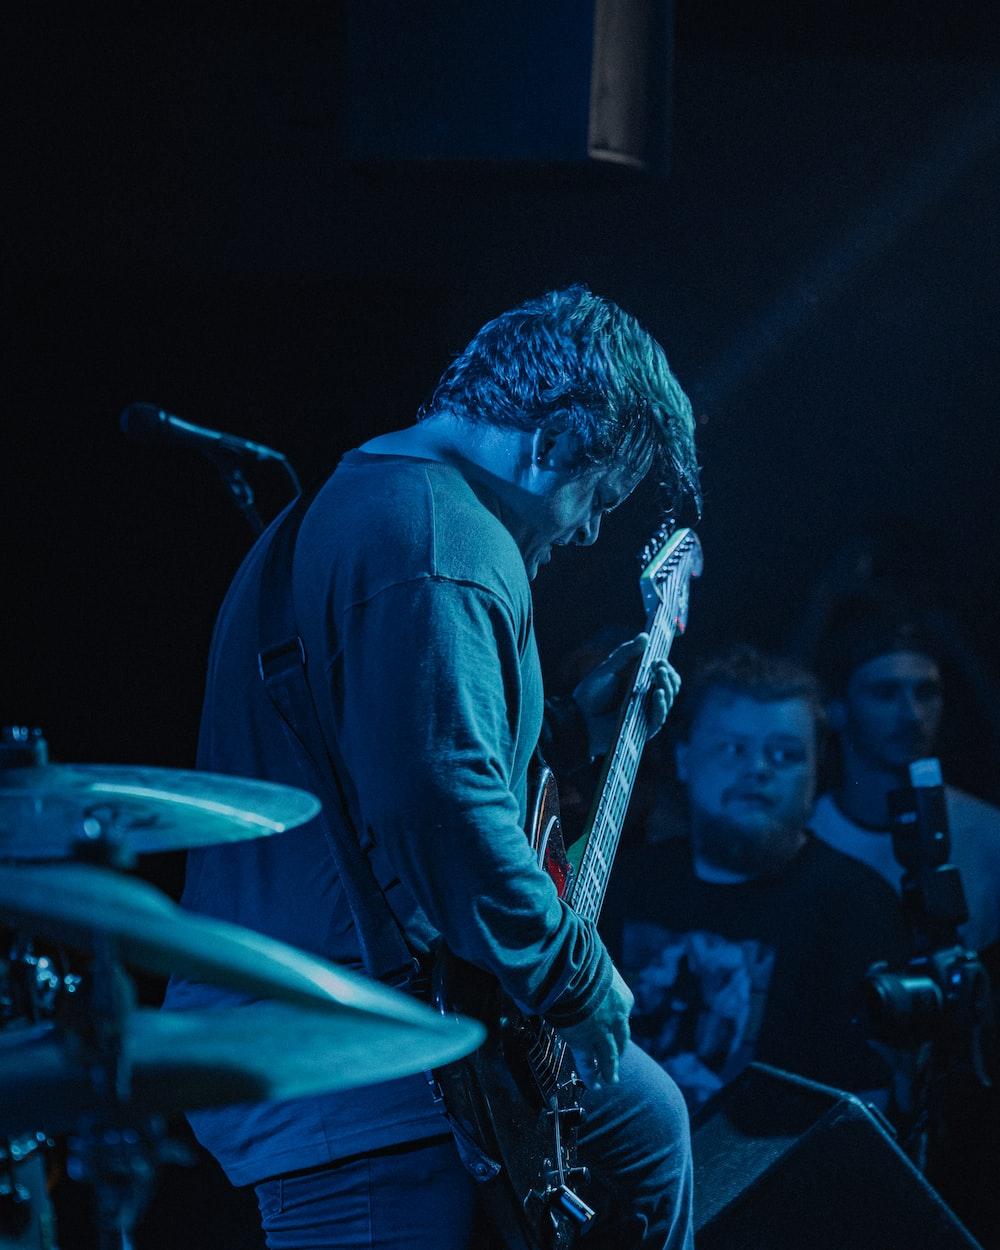 man in black shirt playing guitar